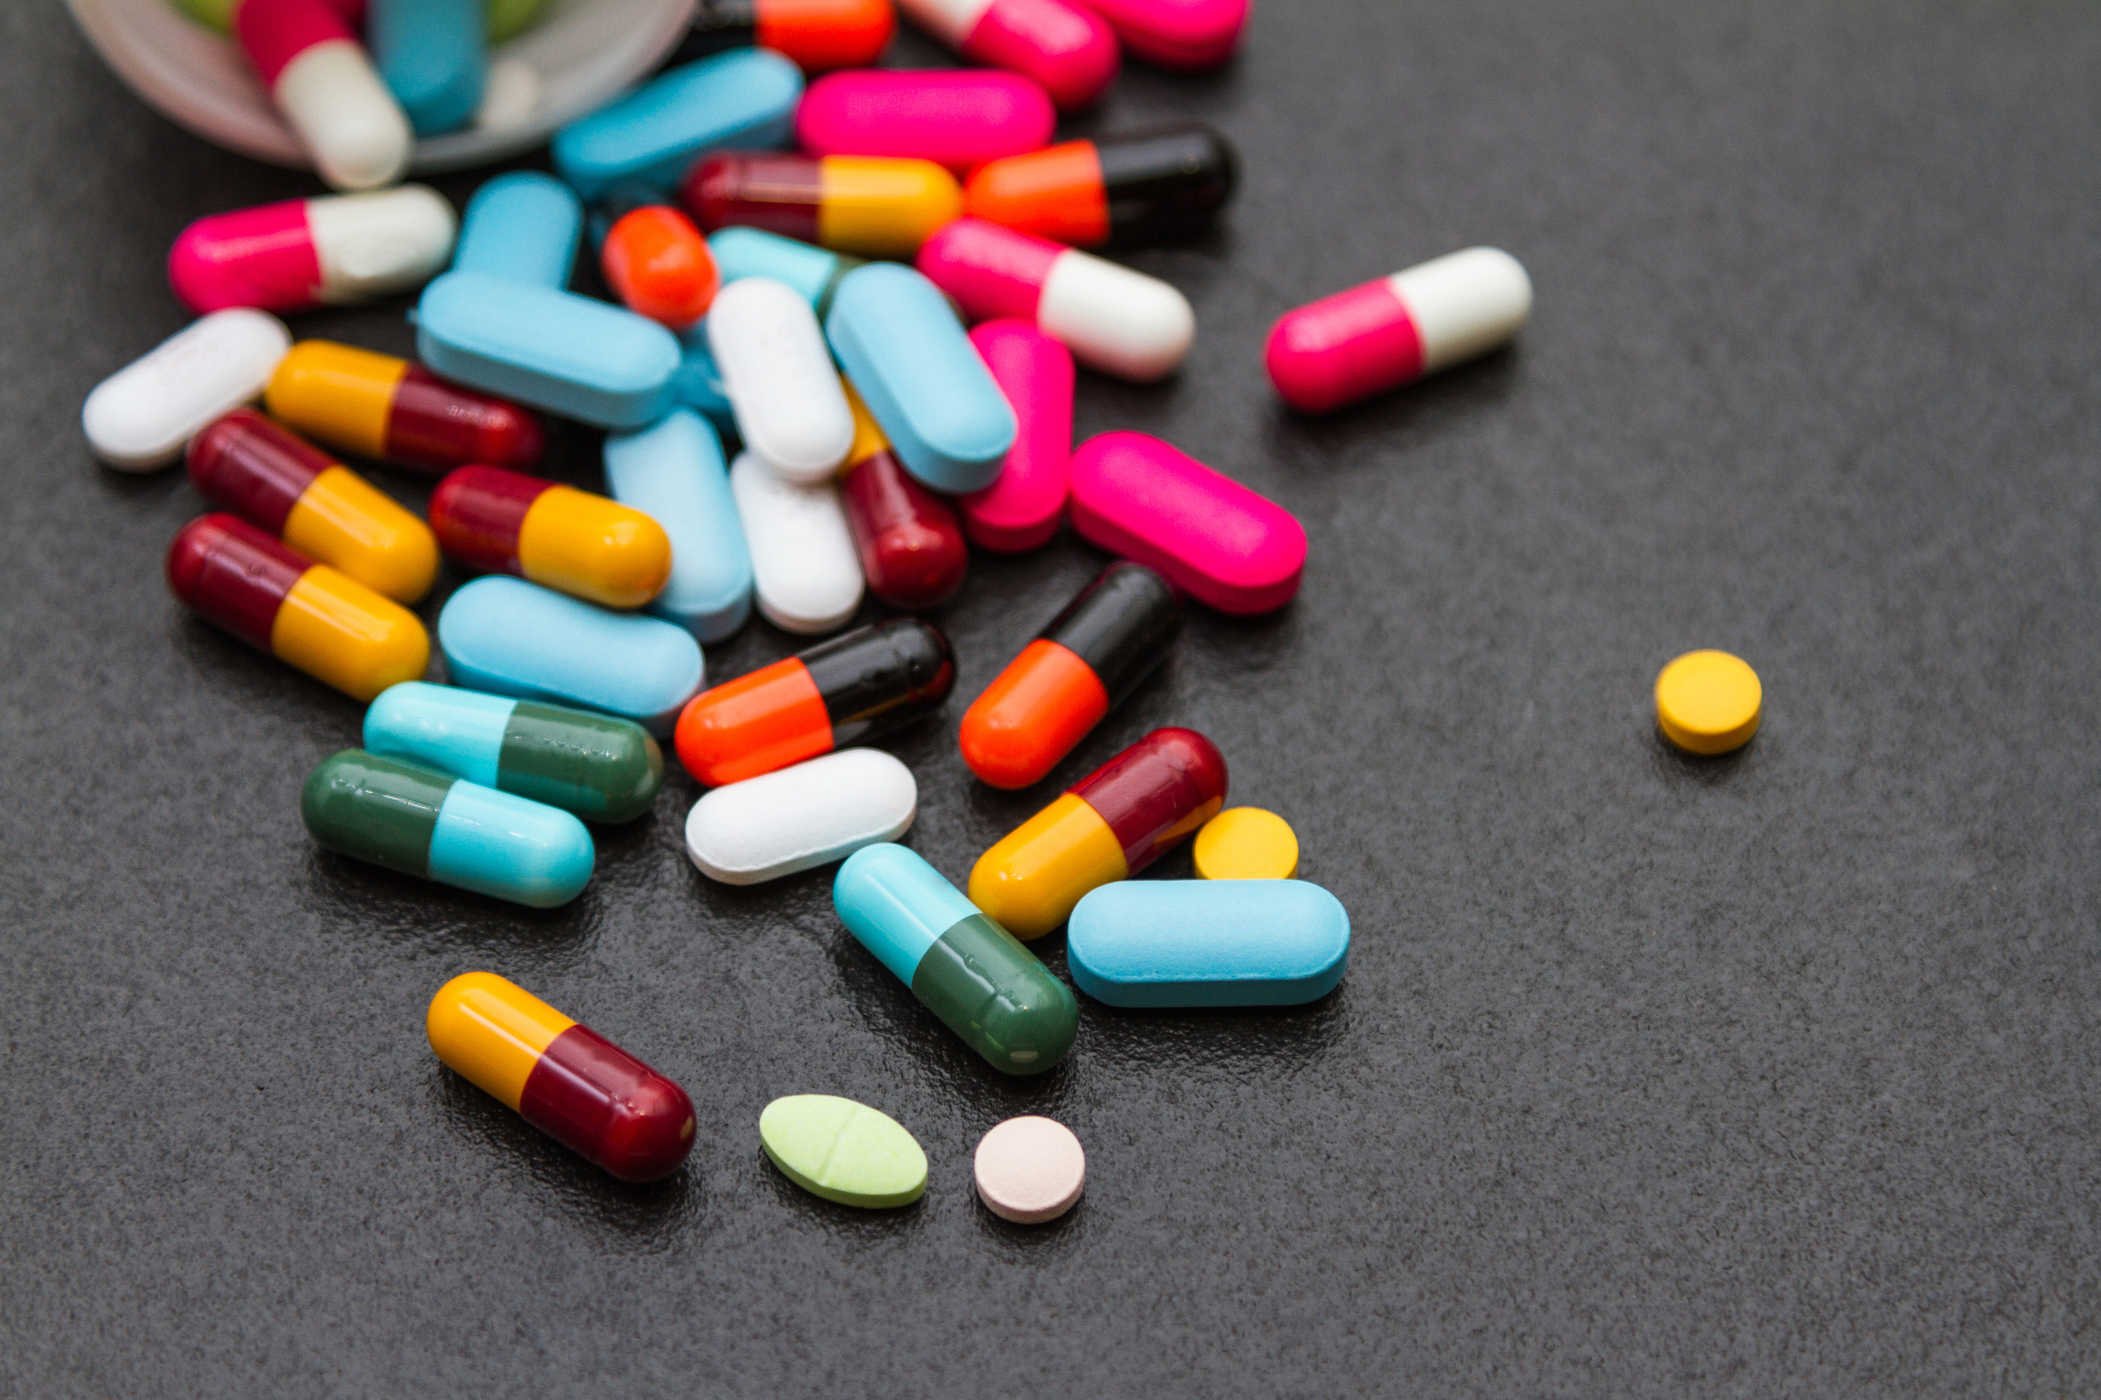 Cách trị đau rát vùng kín bằng thuốc kháng sinh